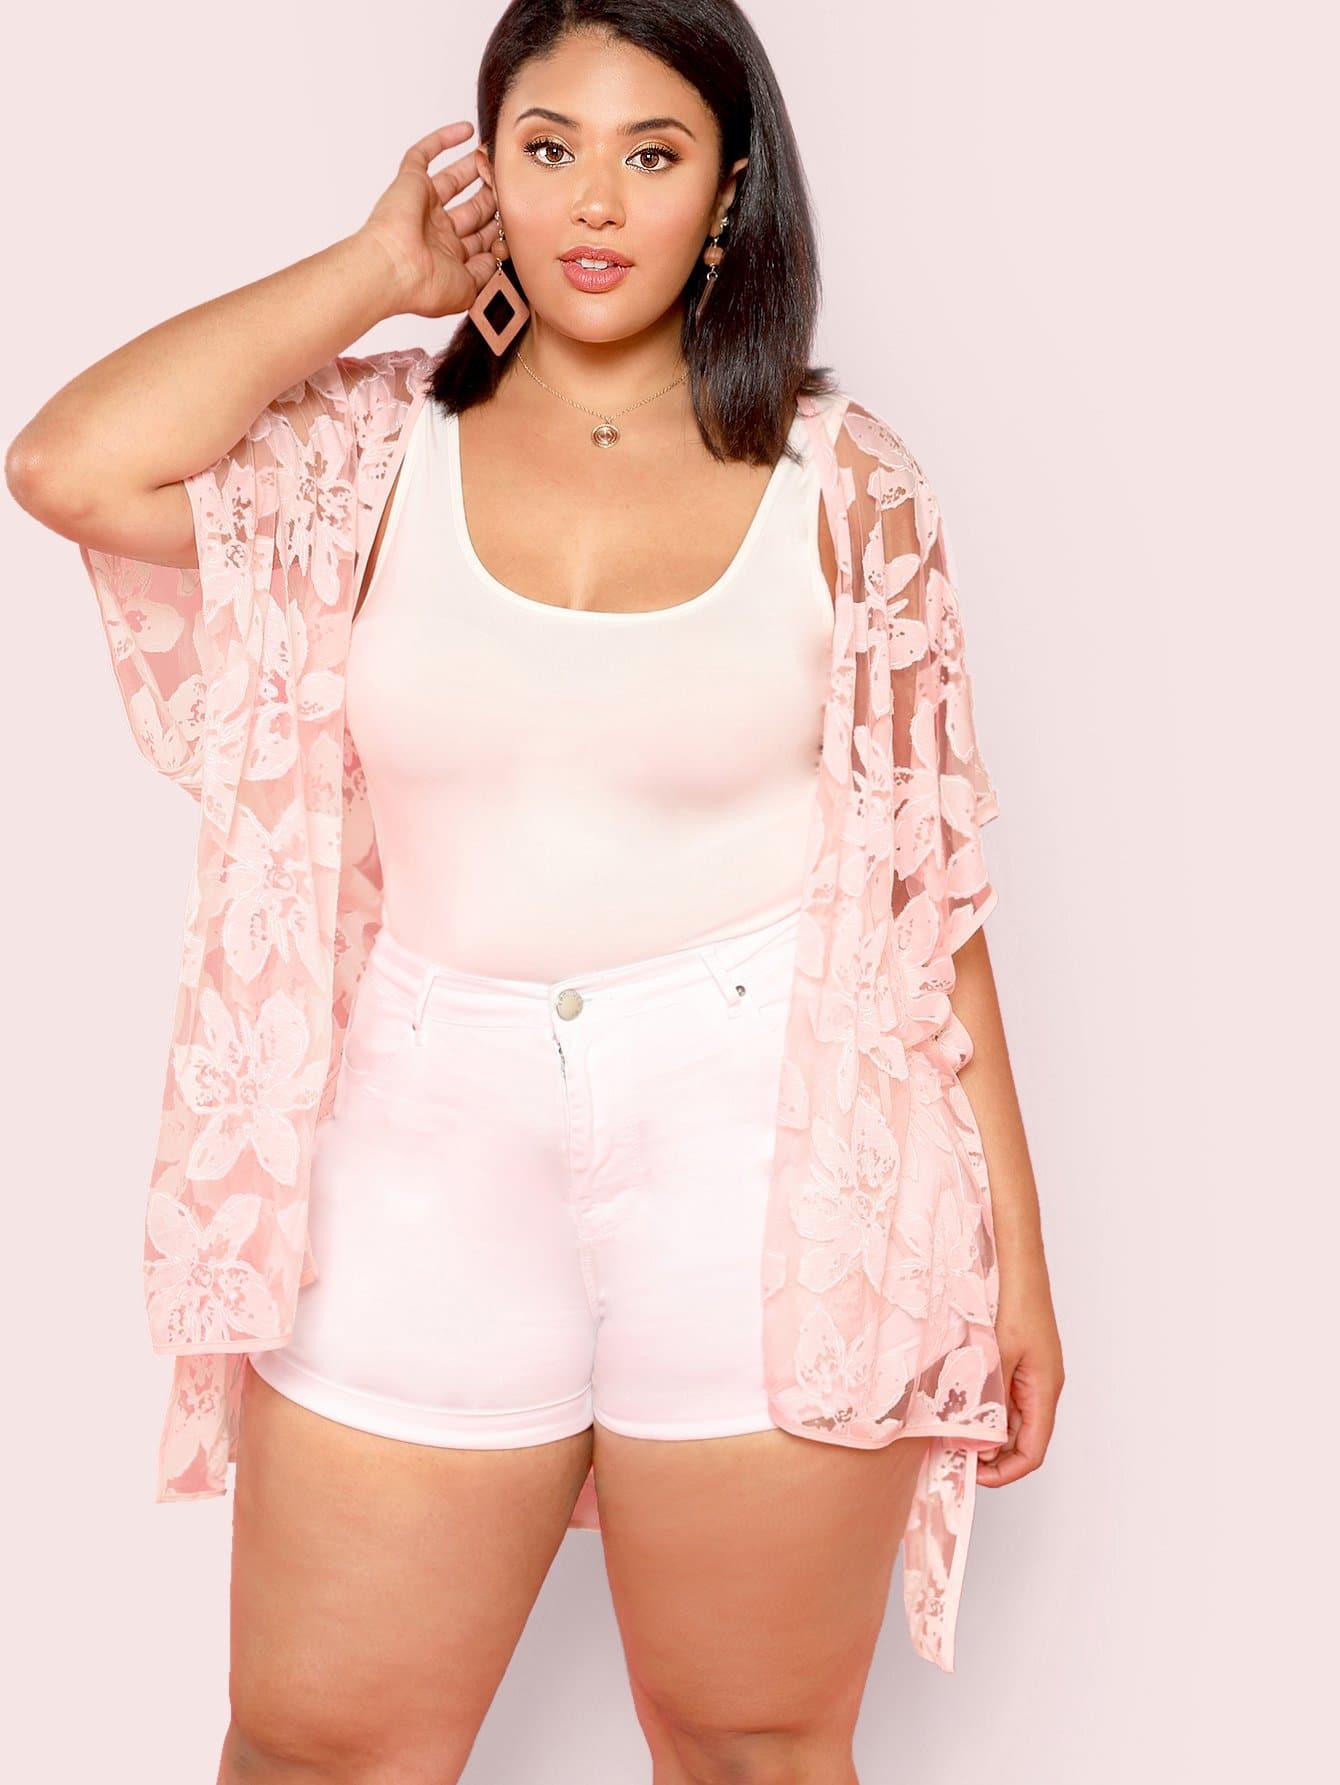 Купить Ассиметричное прозрачное кимоно с вышивкой, Ashourina Washington, SheIn